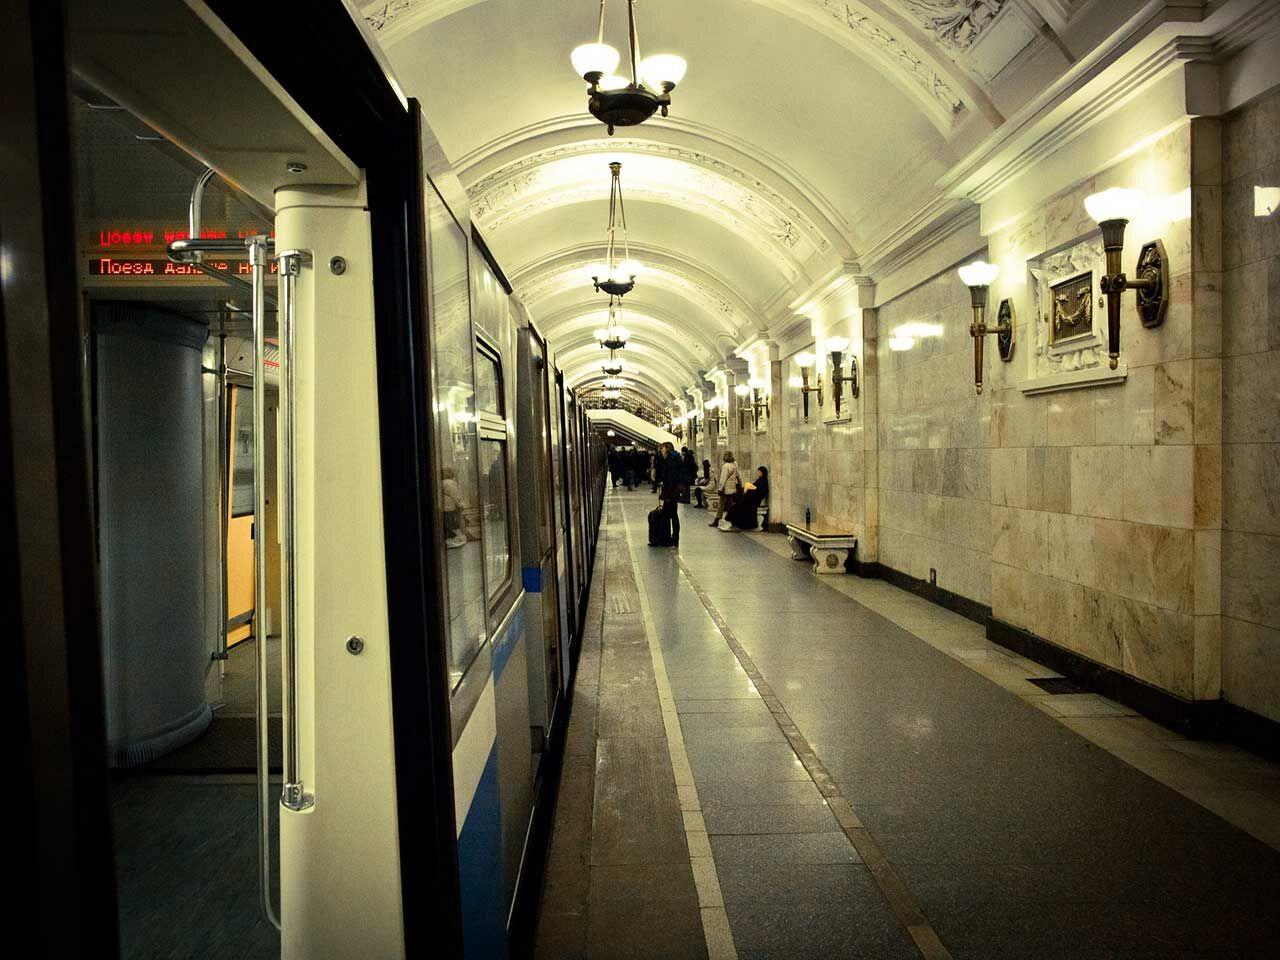 Метро столицы 14февраля поздравит пассажиров стихами ипеснями о симпатии